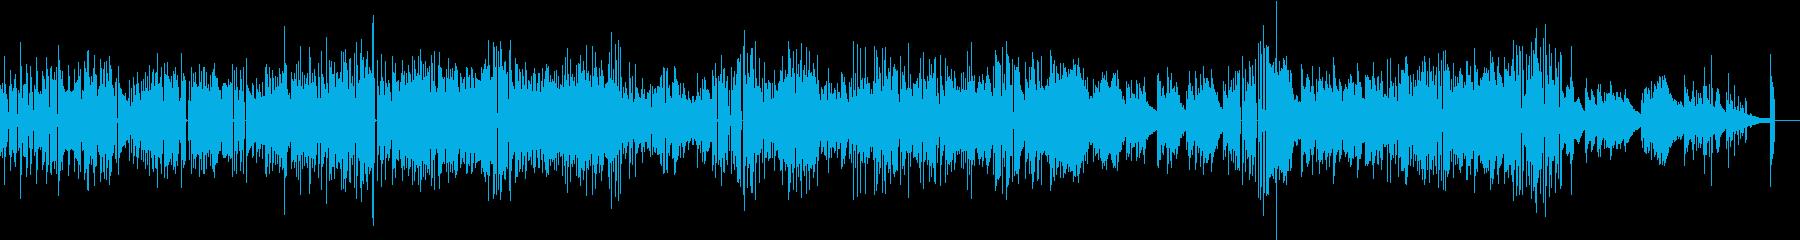 クールなジャズピアノソロ曲の再生済みの波形